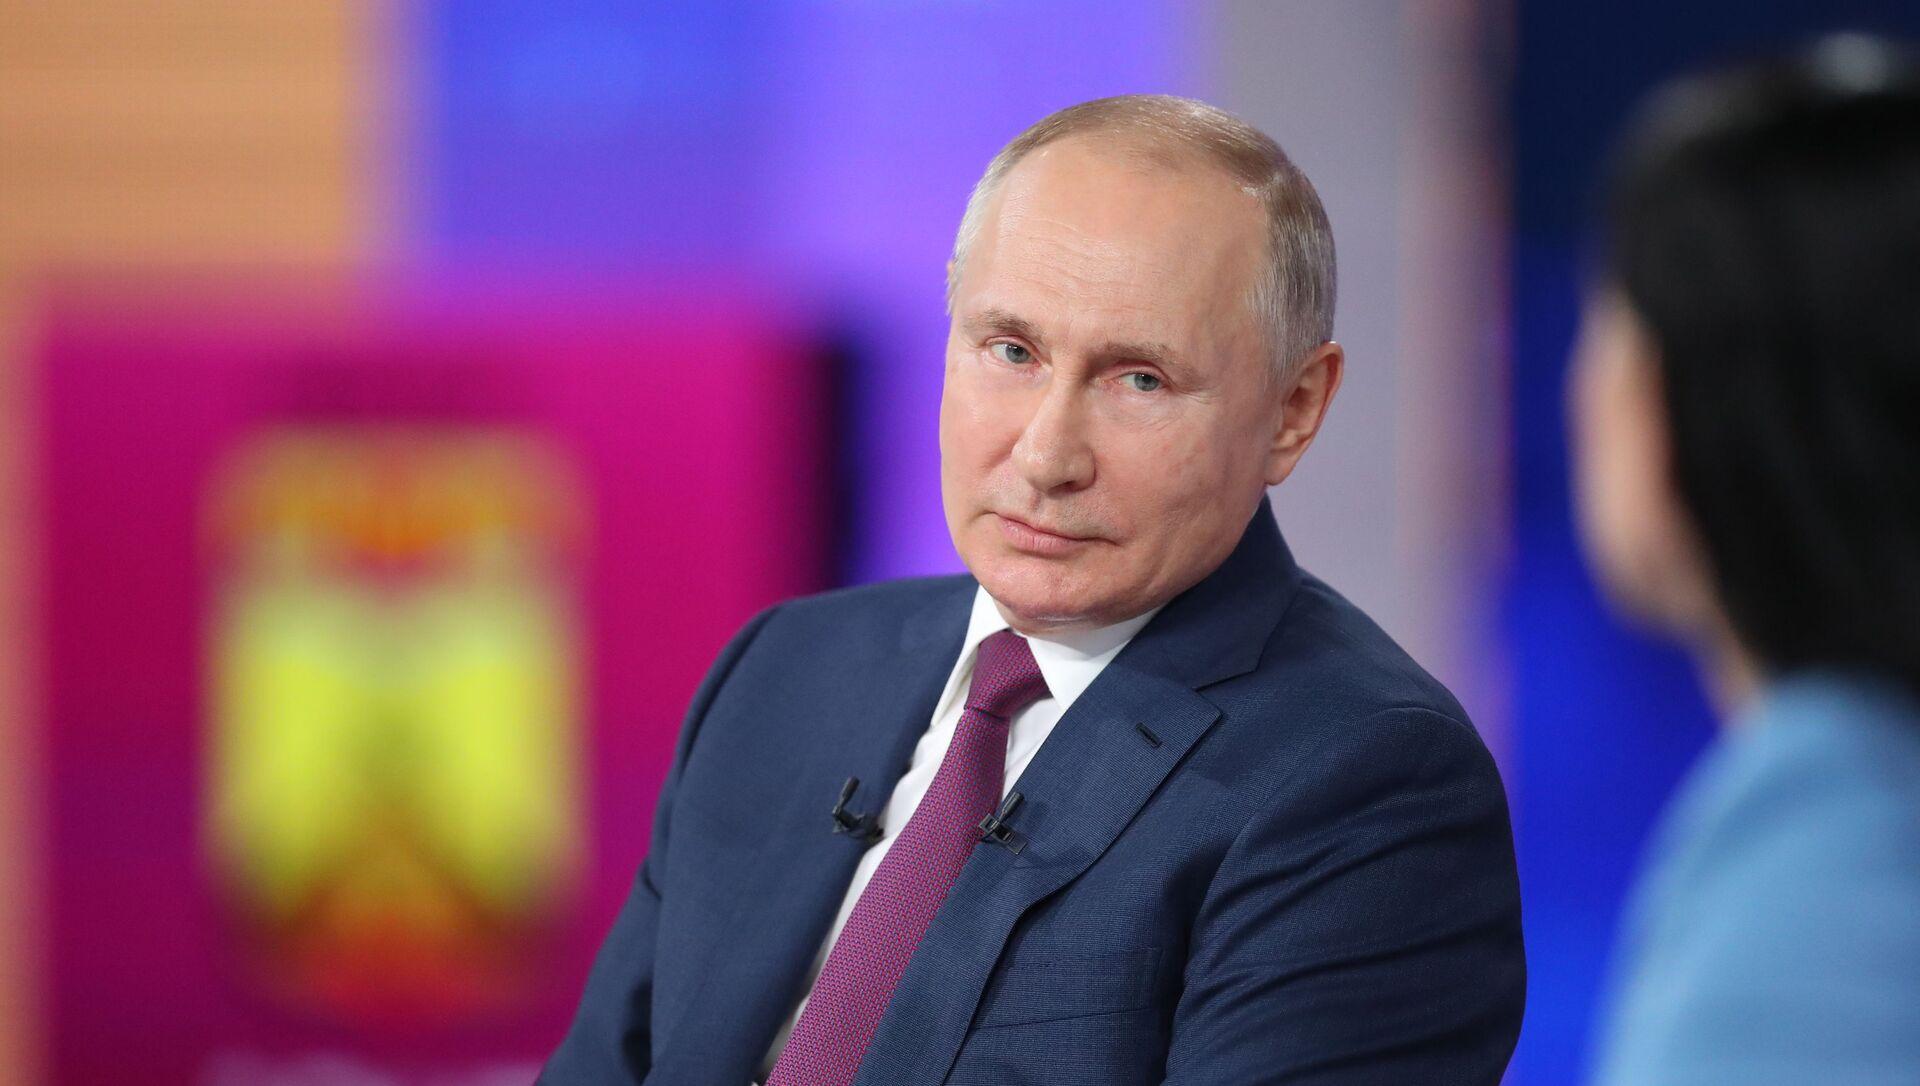 Giao lưu trực tuyến với Tổng thống Nga Vladimir Putin 2021. - Sputnik Việt Nam, 1920, 30.06.2021